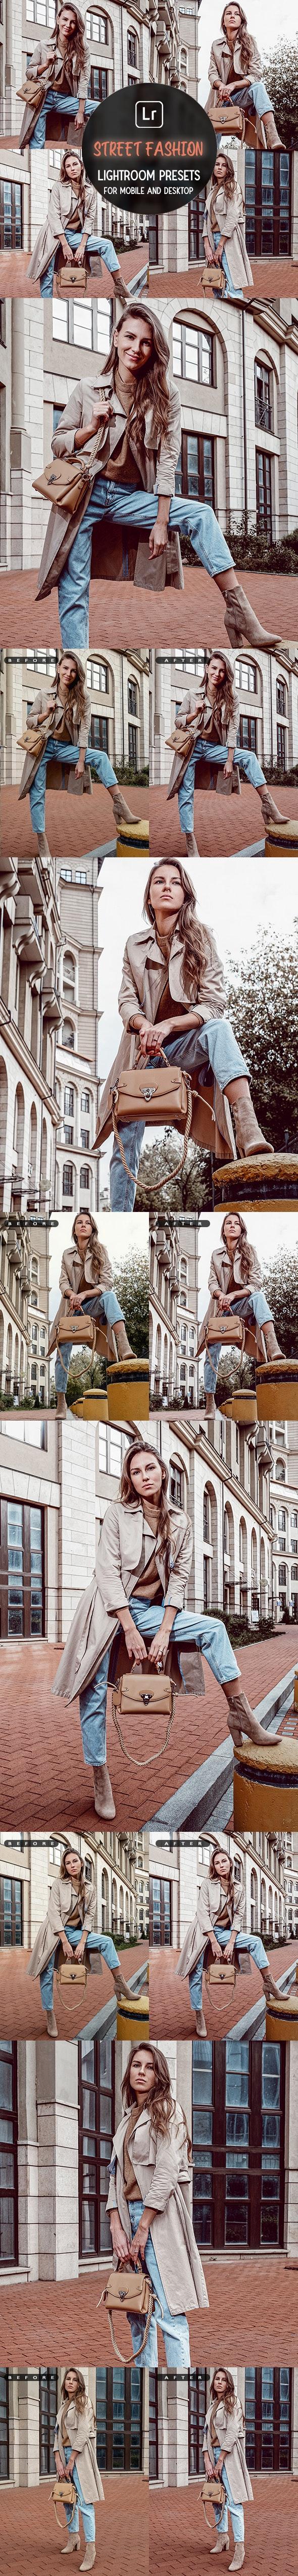 Street Fashion - Lightroom Presets - Lightroom Presets Add-ons